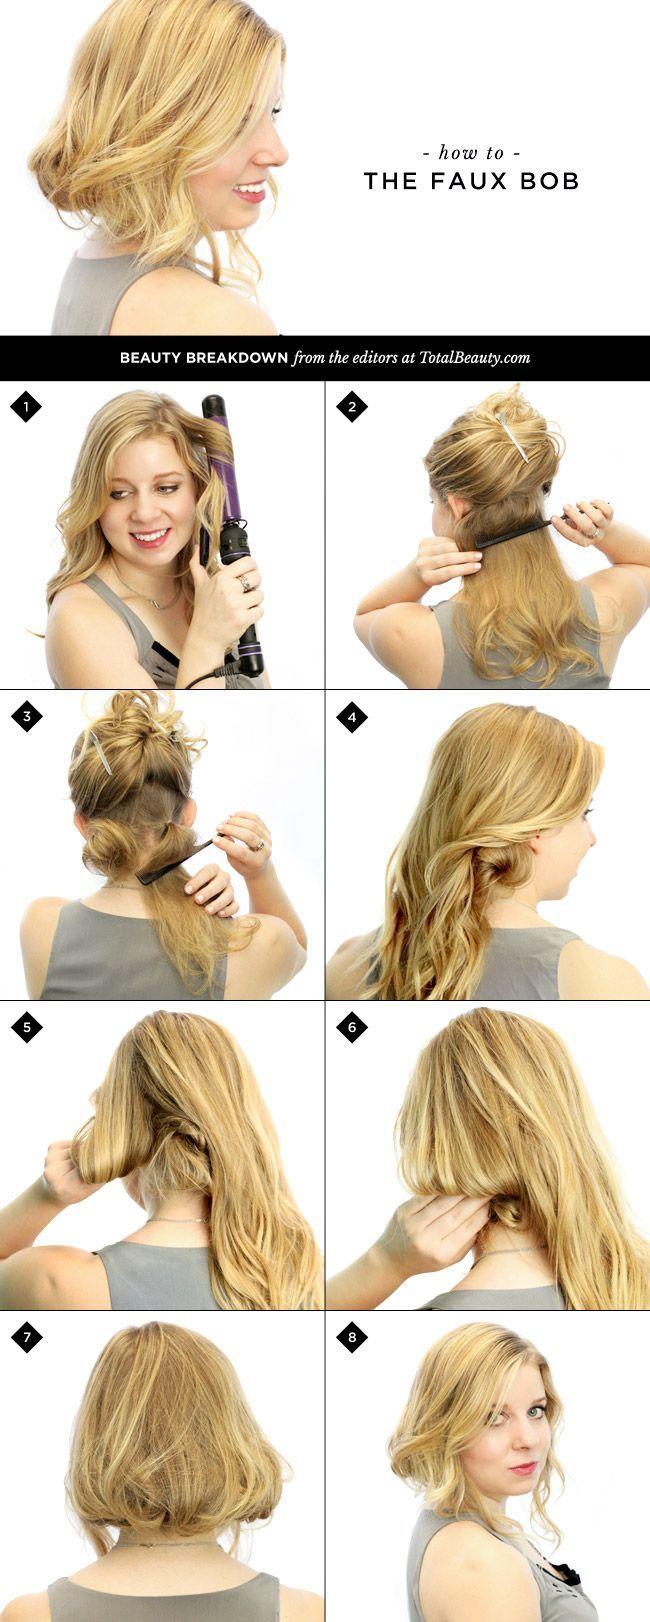 How To Make Long Hair Short Faux Bob Hair Tutorials Pretty Designs Lange Haare Kurzhaarfrisuren Frisur Hochzeit